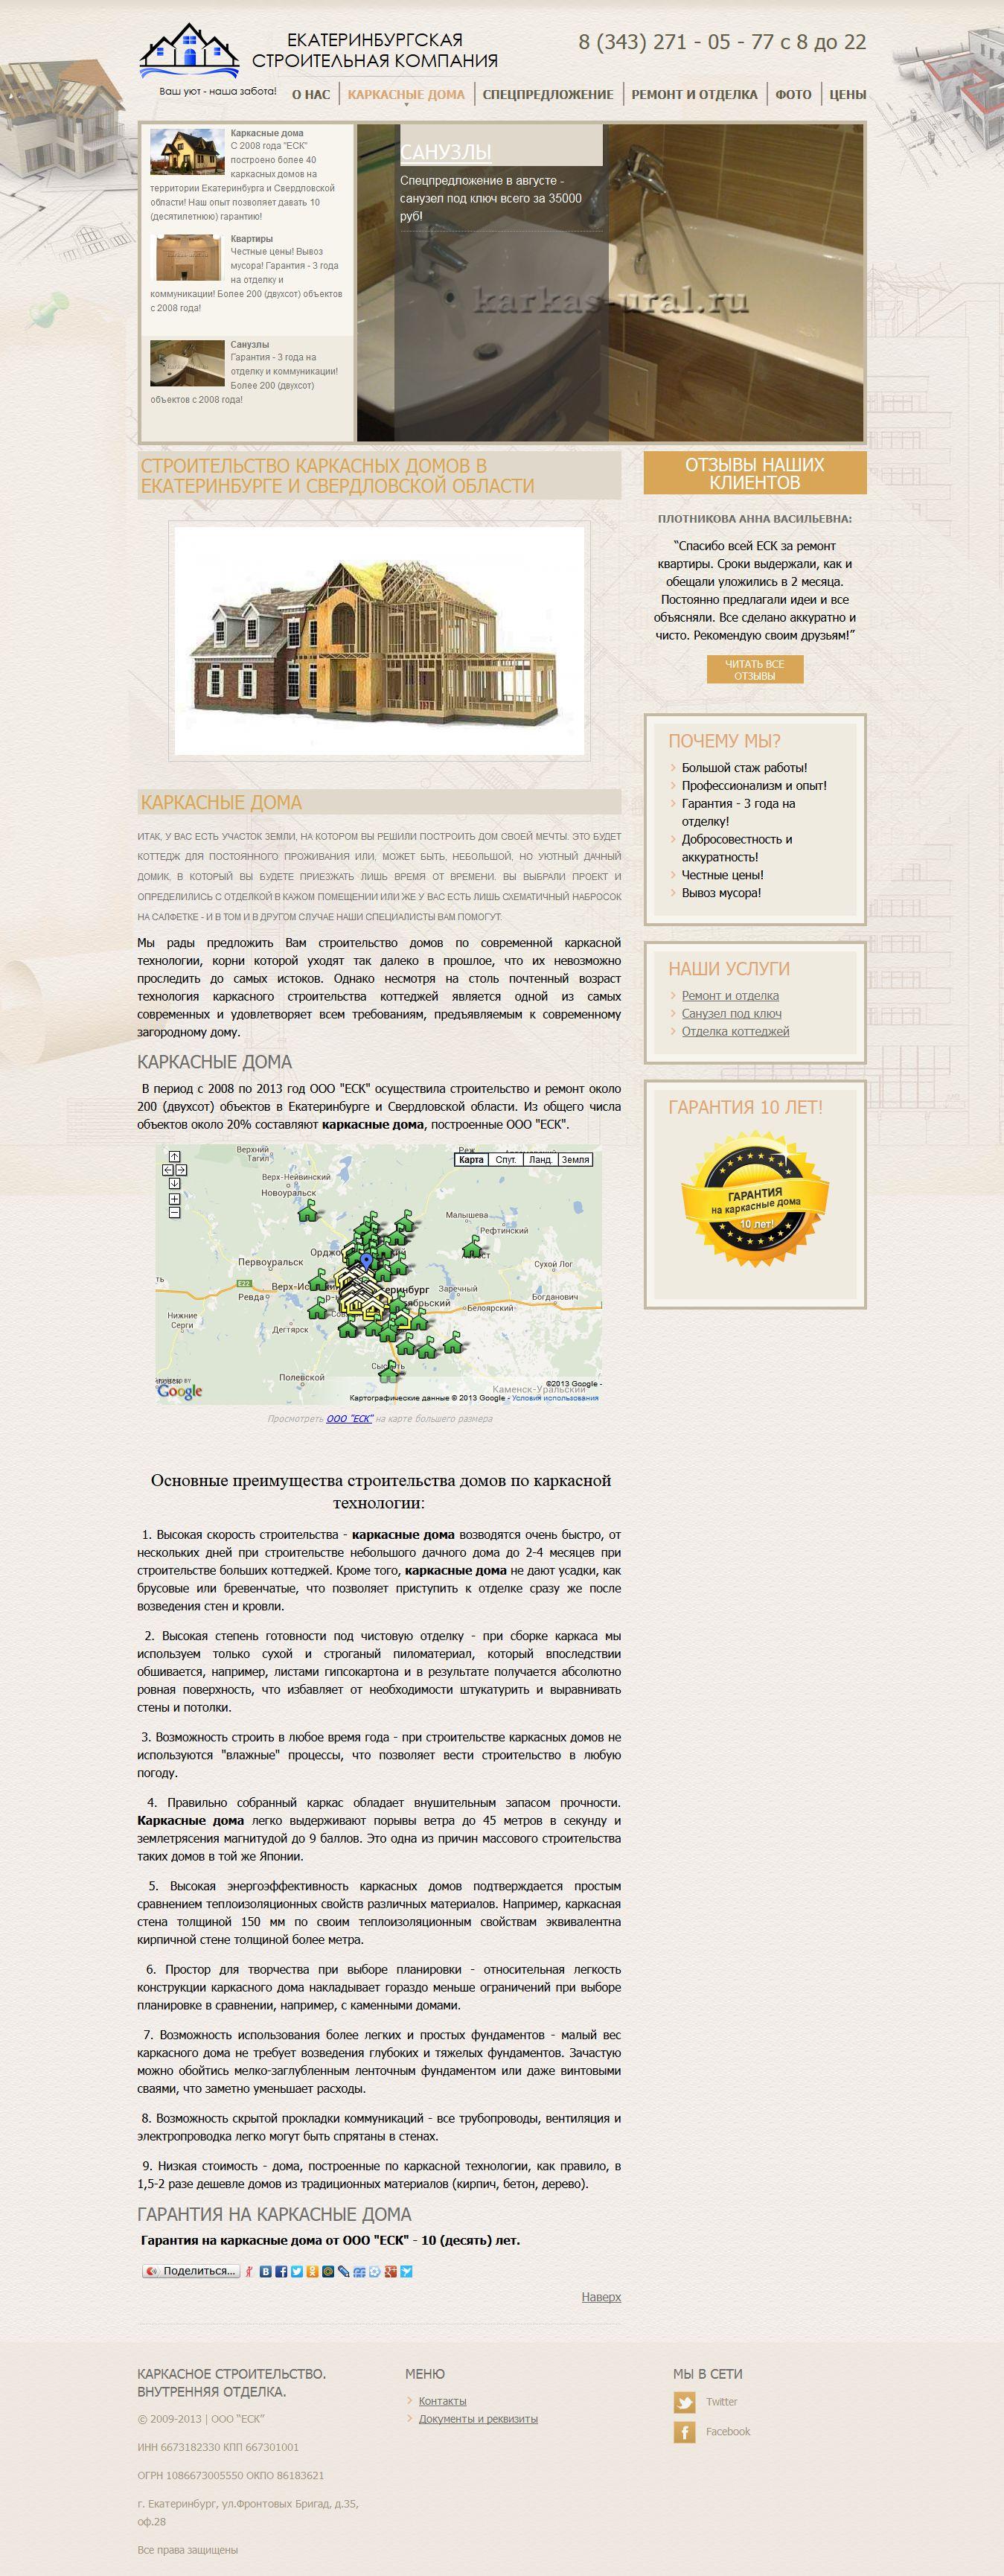 Сайт-визитка на Joomla 2.5. Строительство каркасных домов в Екатеринбурге.